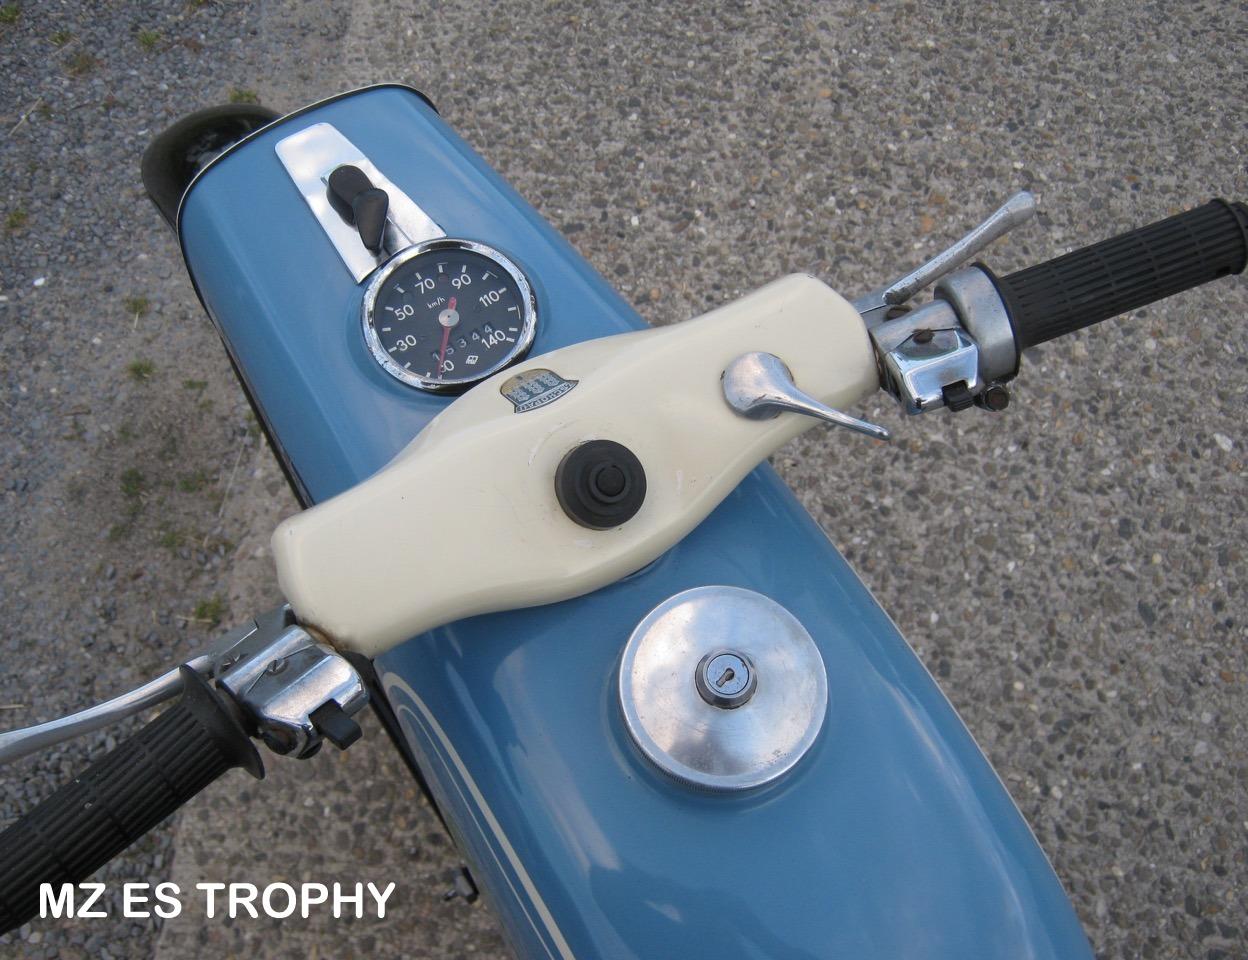 mz-es-trophy-4